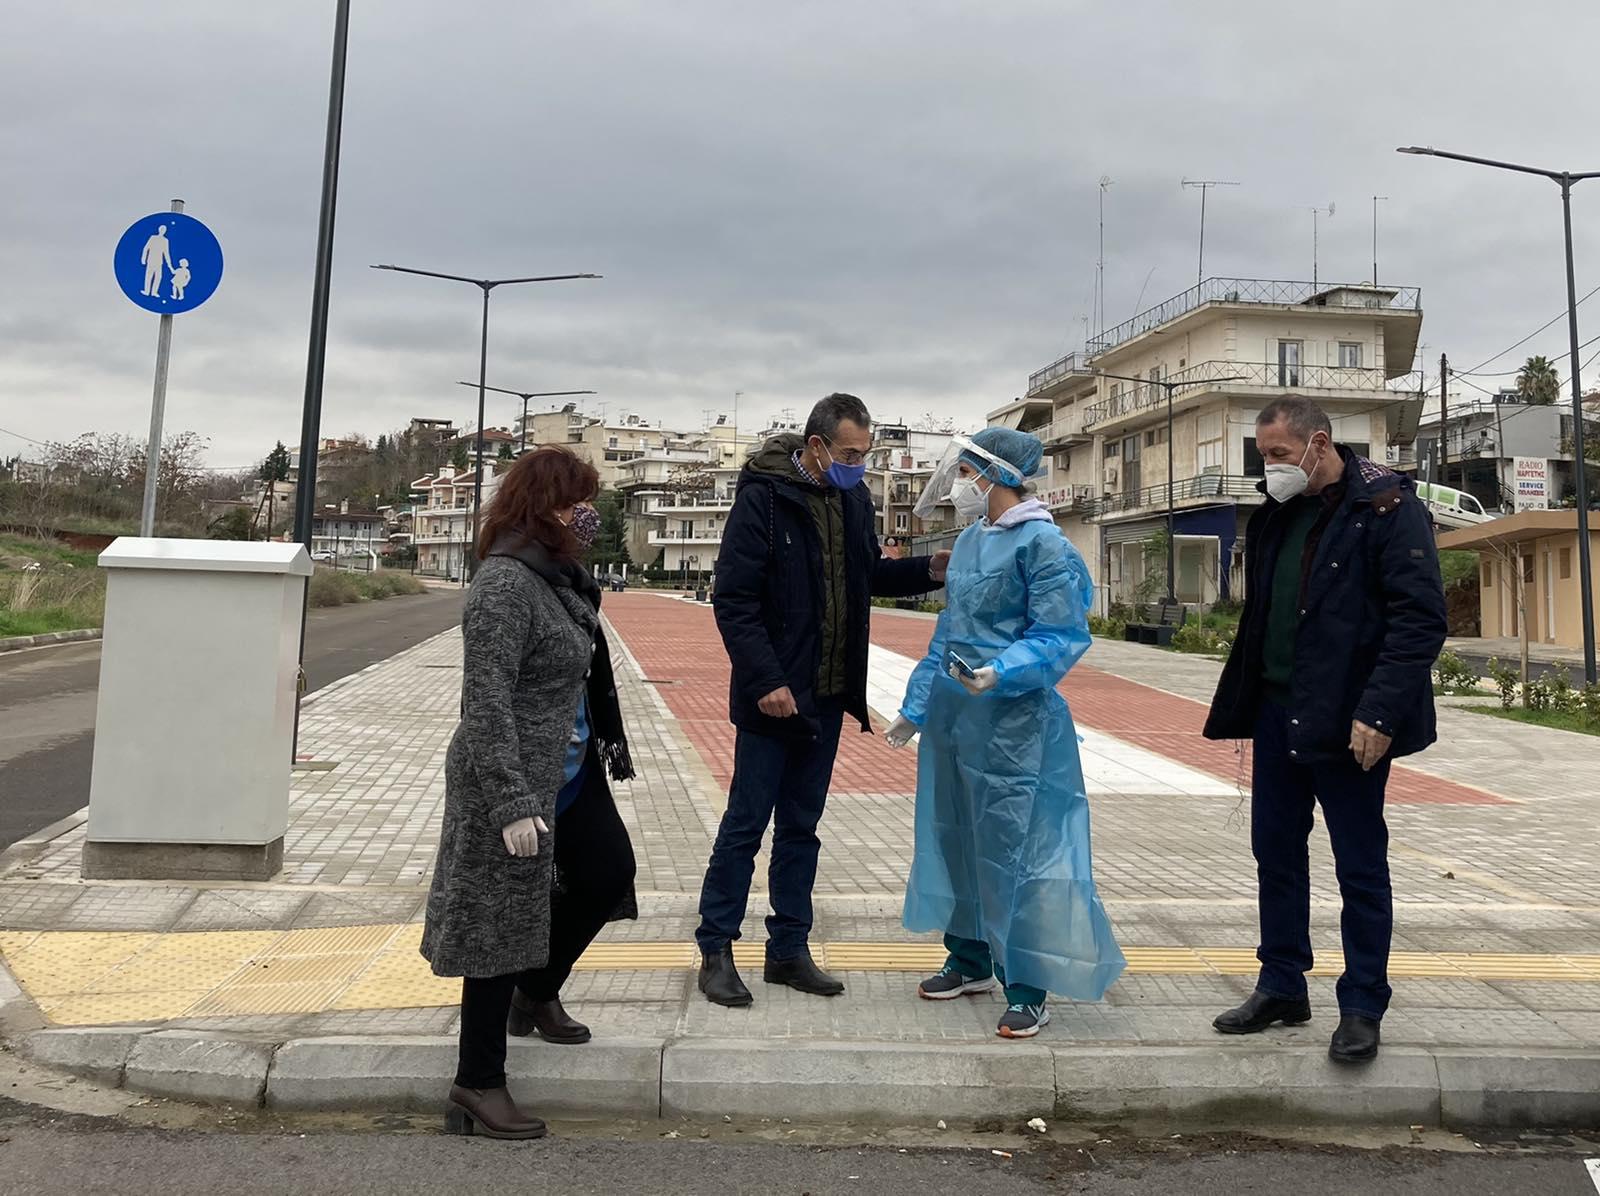 Δήμος Θηβαίων: Διεξαγωγή rapid tests την Τετάρτη μέσα από το αυτοκίνητο(drive-through)